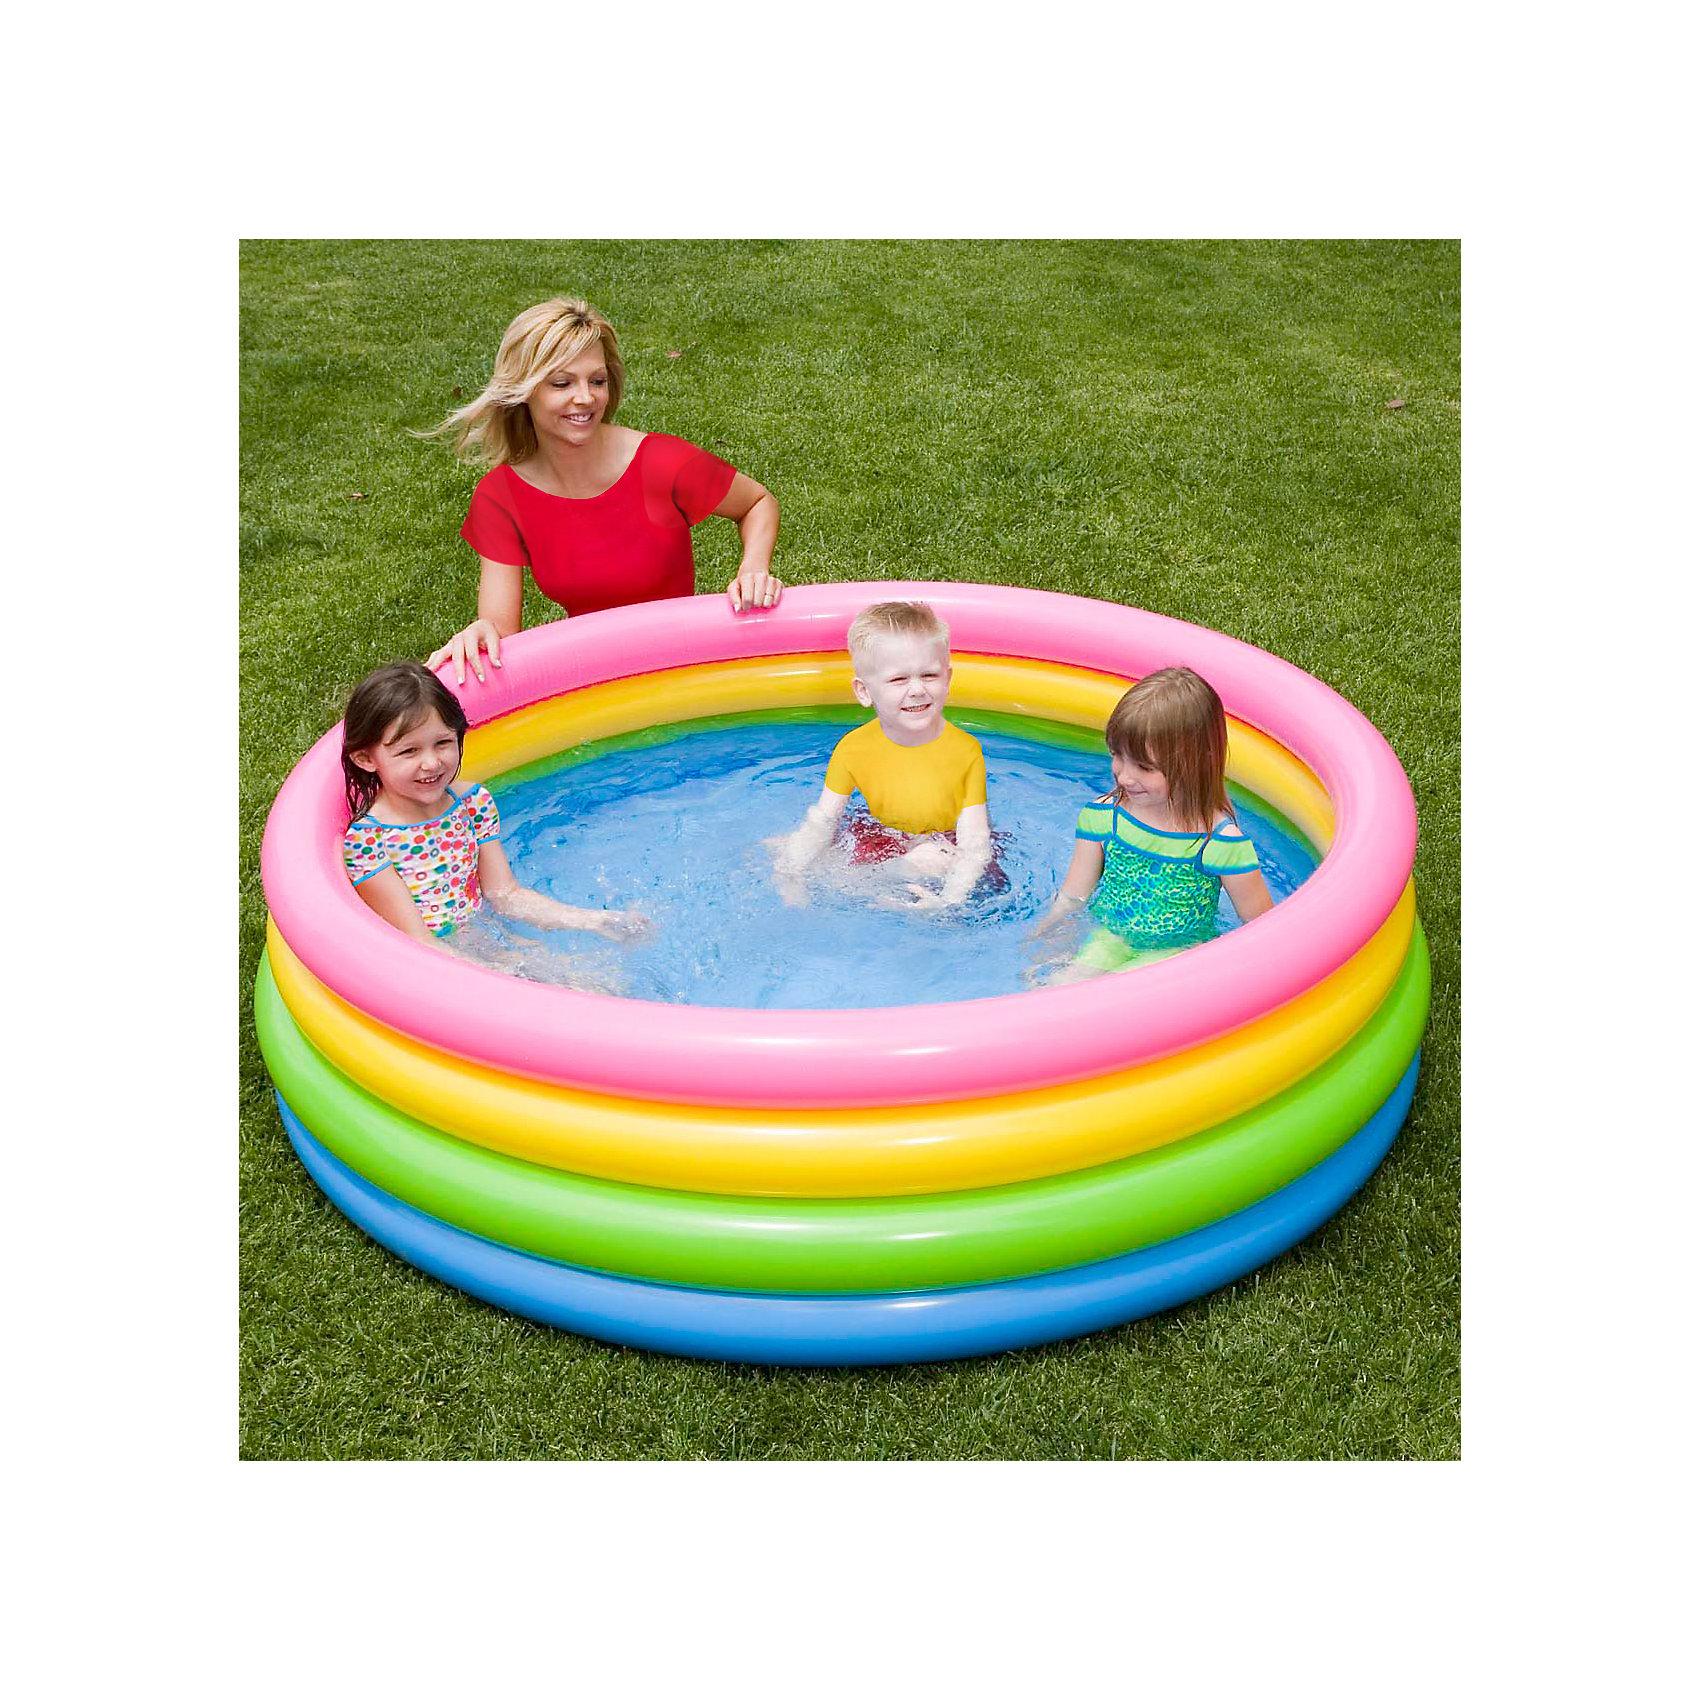 Intex Детский надувной бассейн Радуга, Intex надувной бассейн intex бассейн аквариум 152 56см